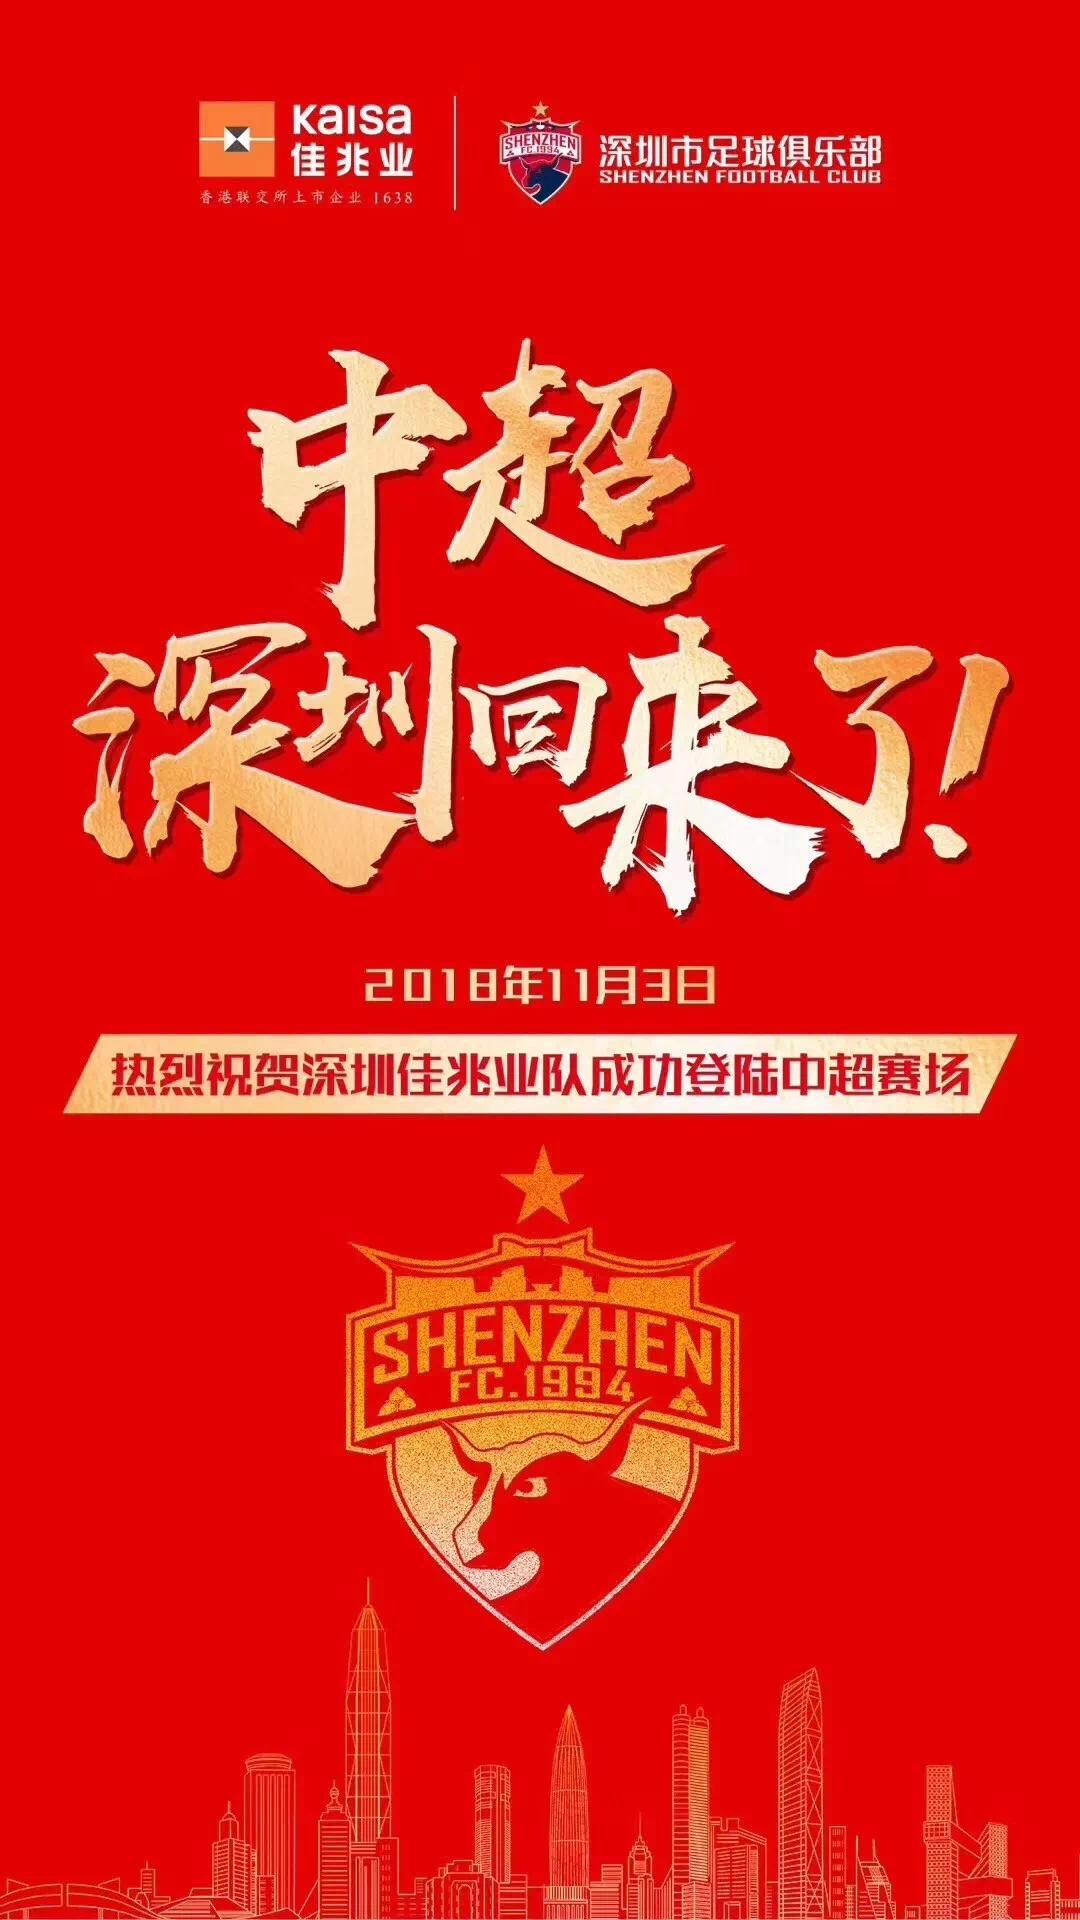 甬入佳境 溯源深圳   佳兆业举行宁波媒体品鉴活动